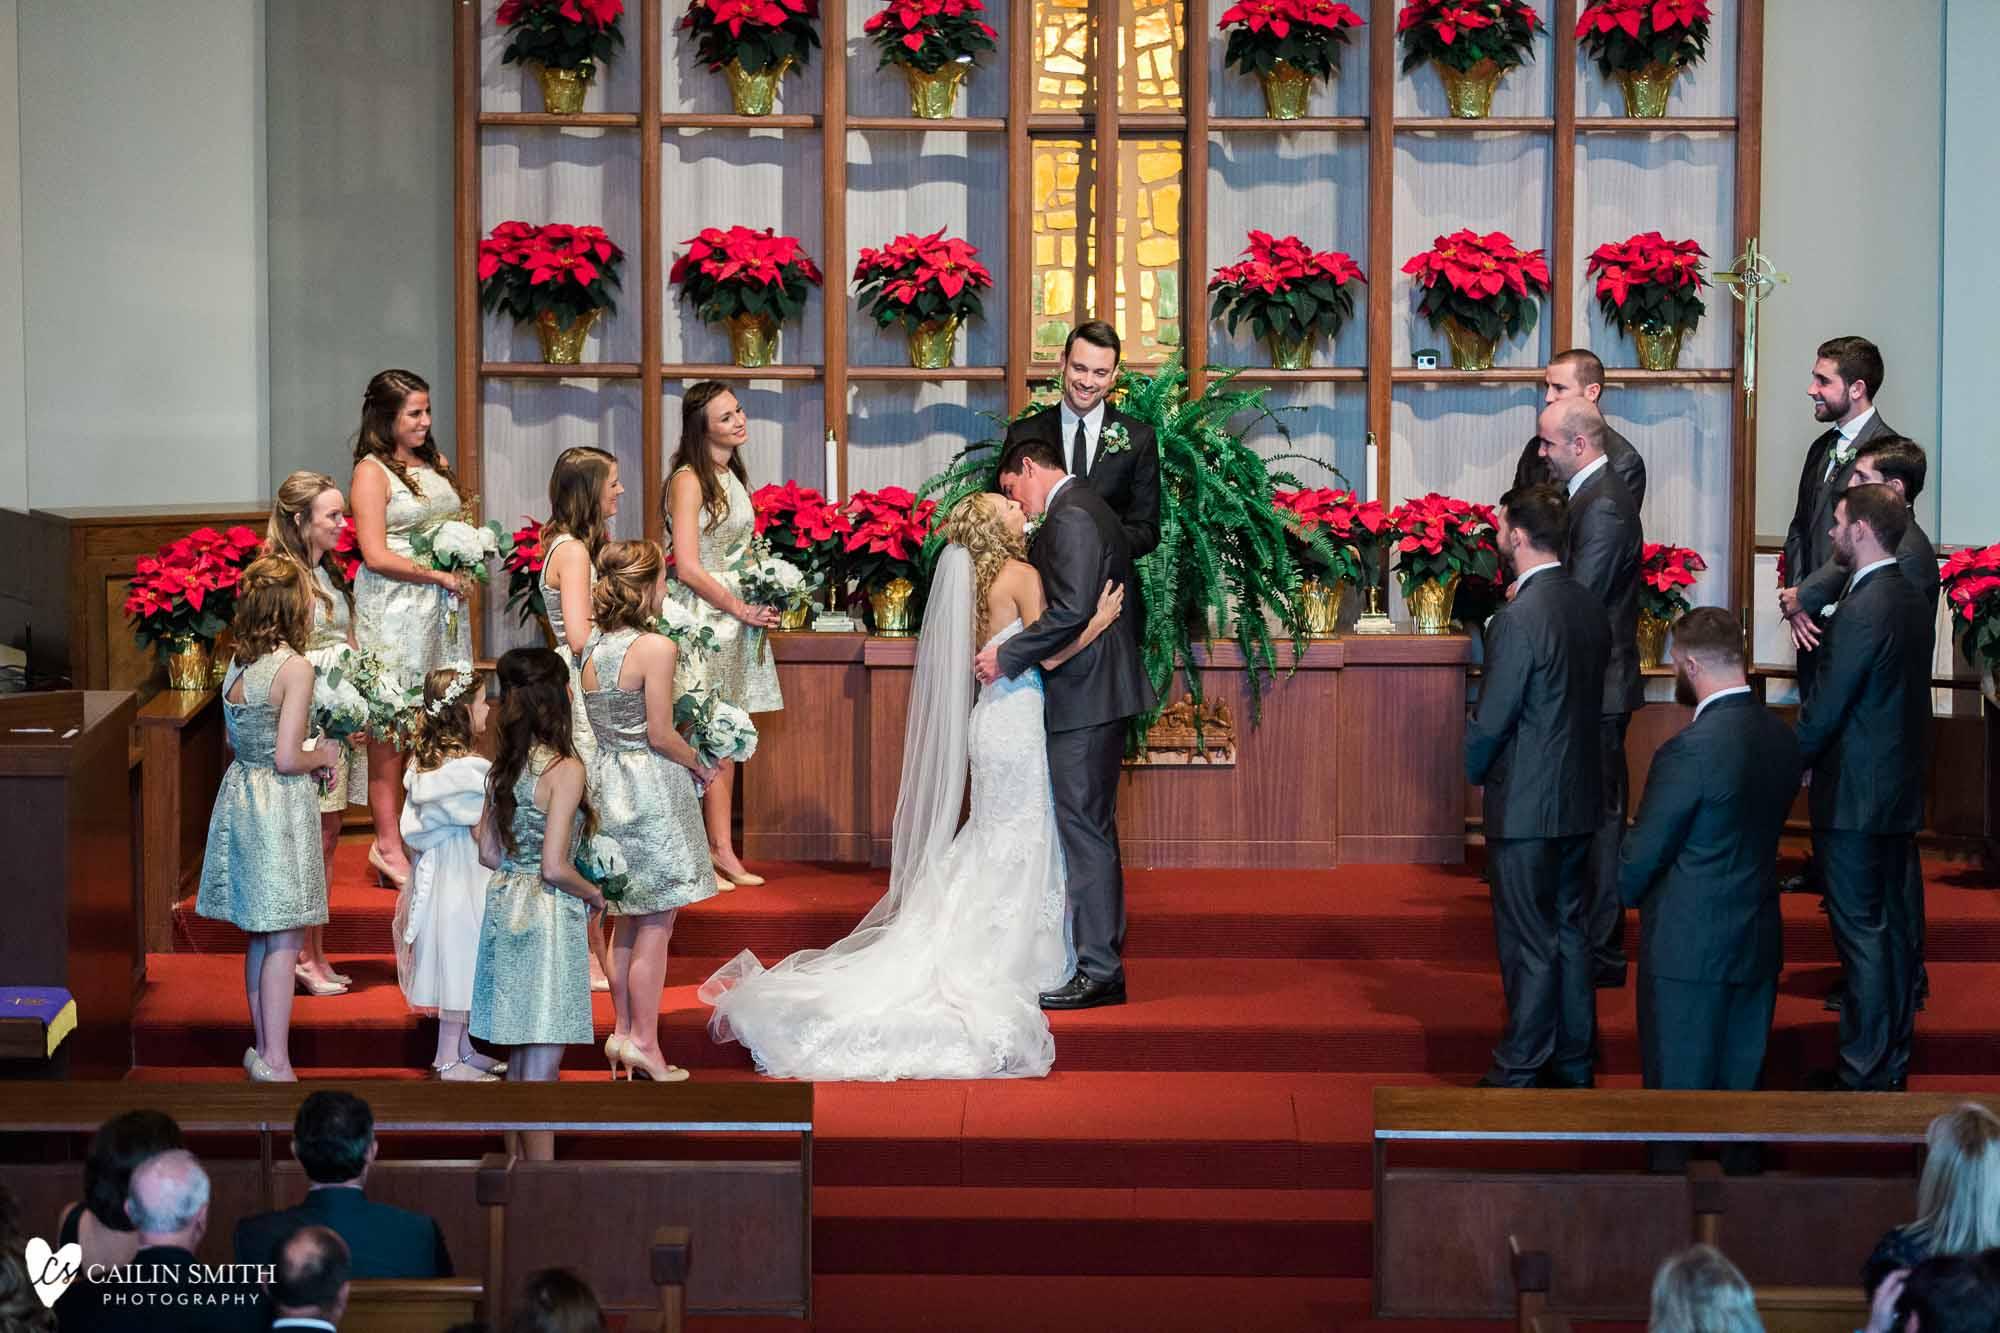 Leah_Major_St_Marys_Wedding_Photography_080.jpg